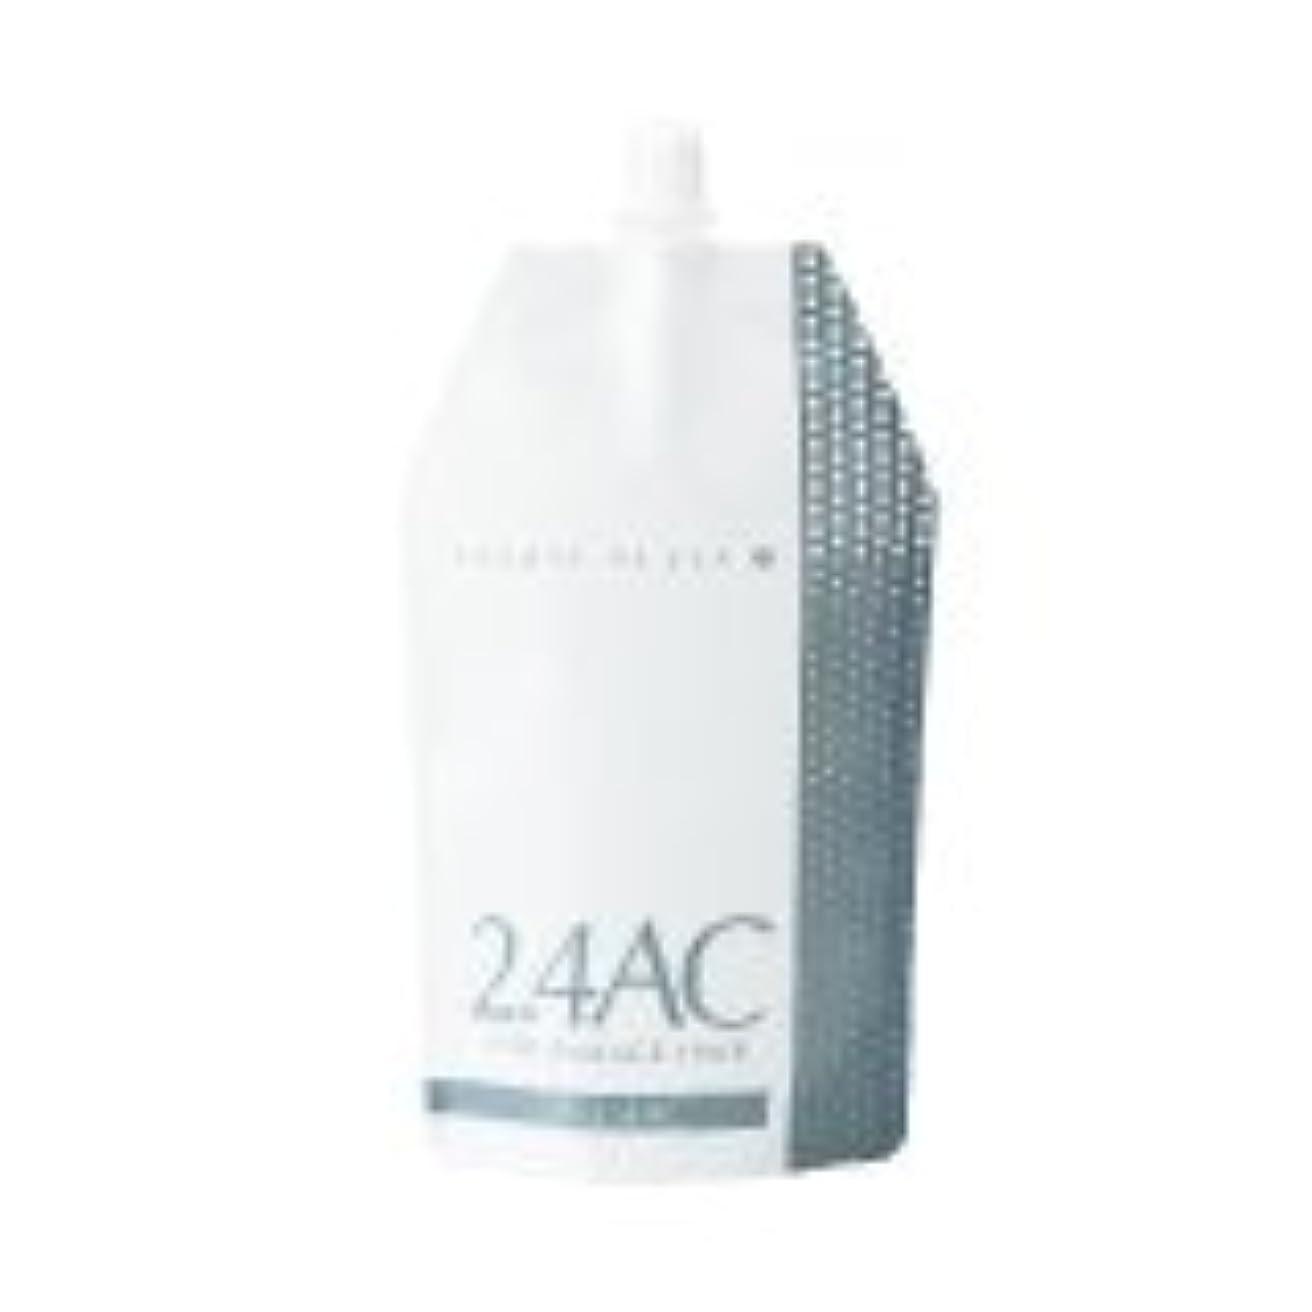 郡レベルゆるいデミ アソートアリアC オキシ OX-2.4AC 1000g (ヘアカラー2剤)(医薬部外品)(業務用)